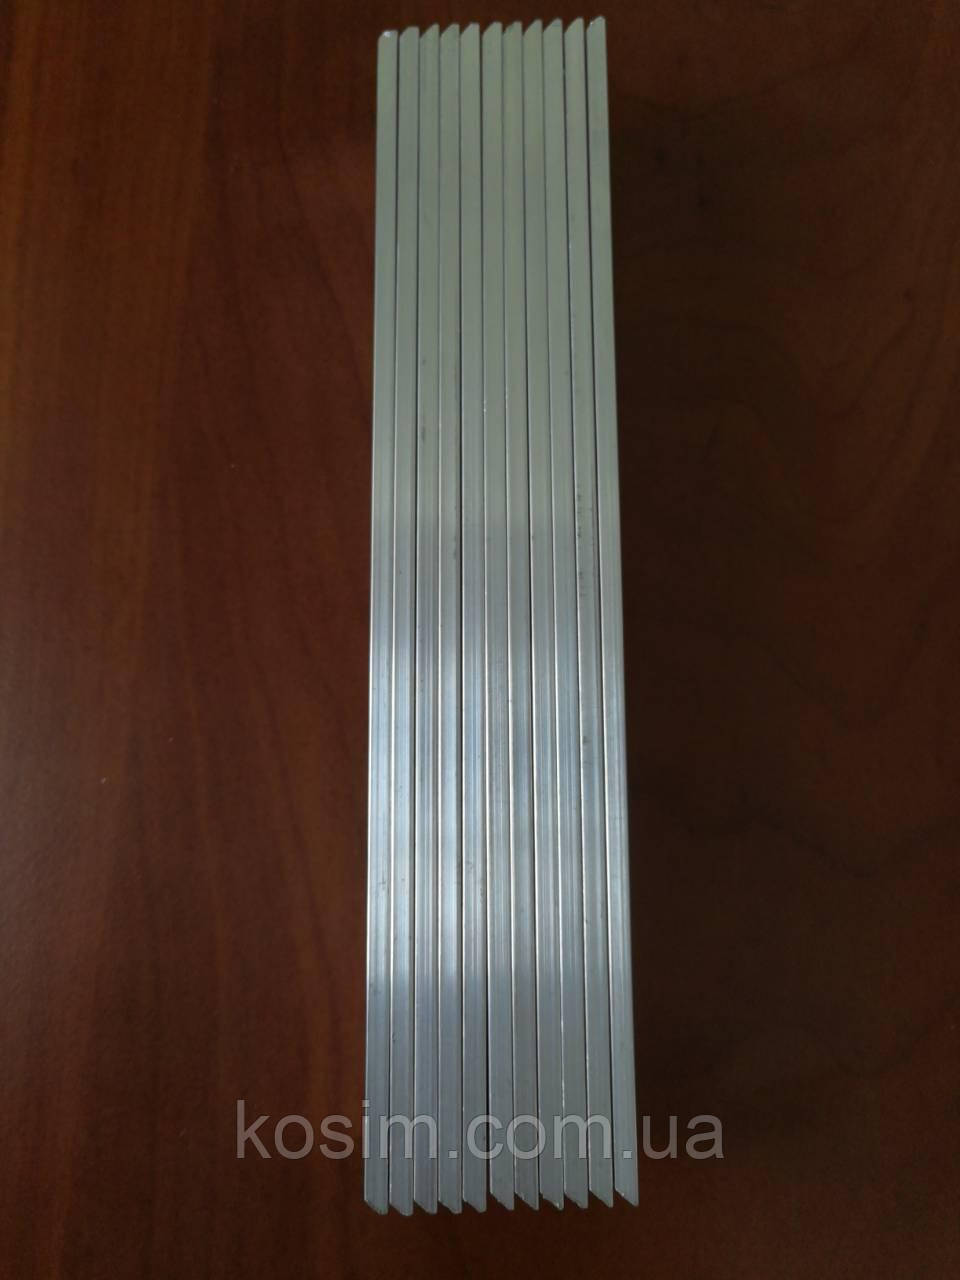 Услуга приклейки точильного камня на алюминиевый бланк